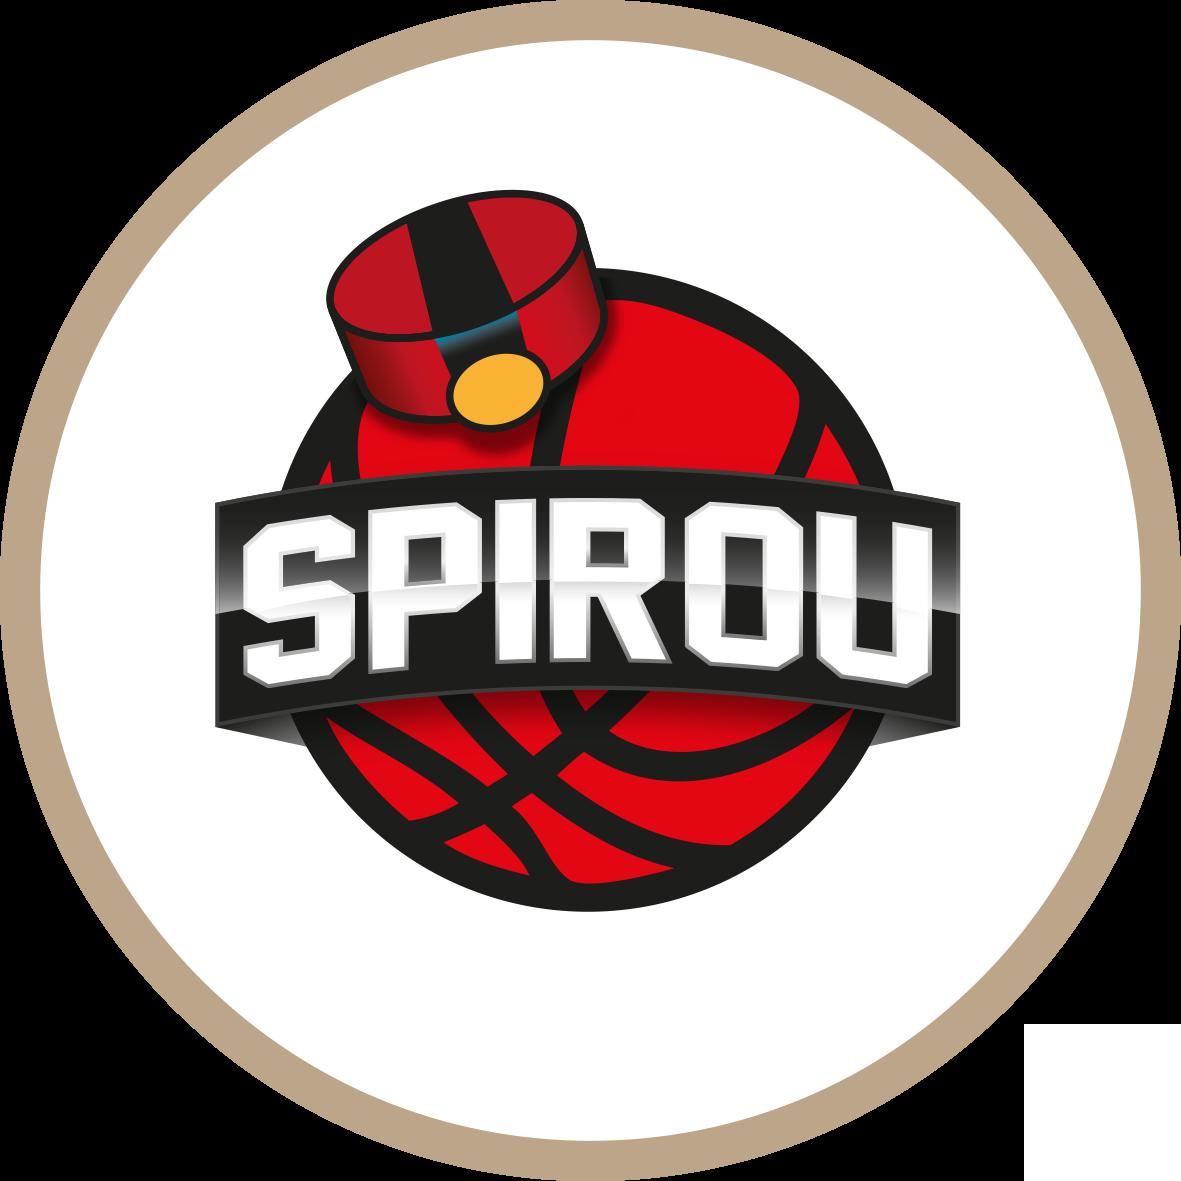 Proximus Spirou Charleroi